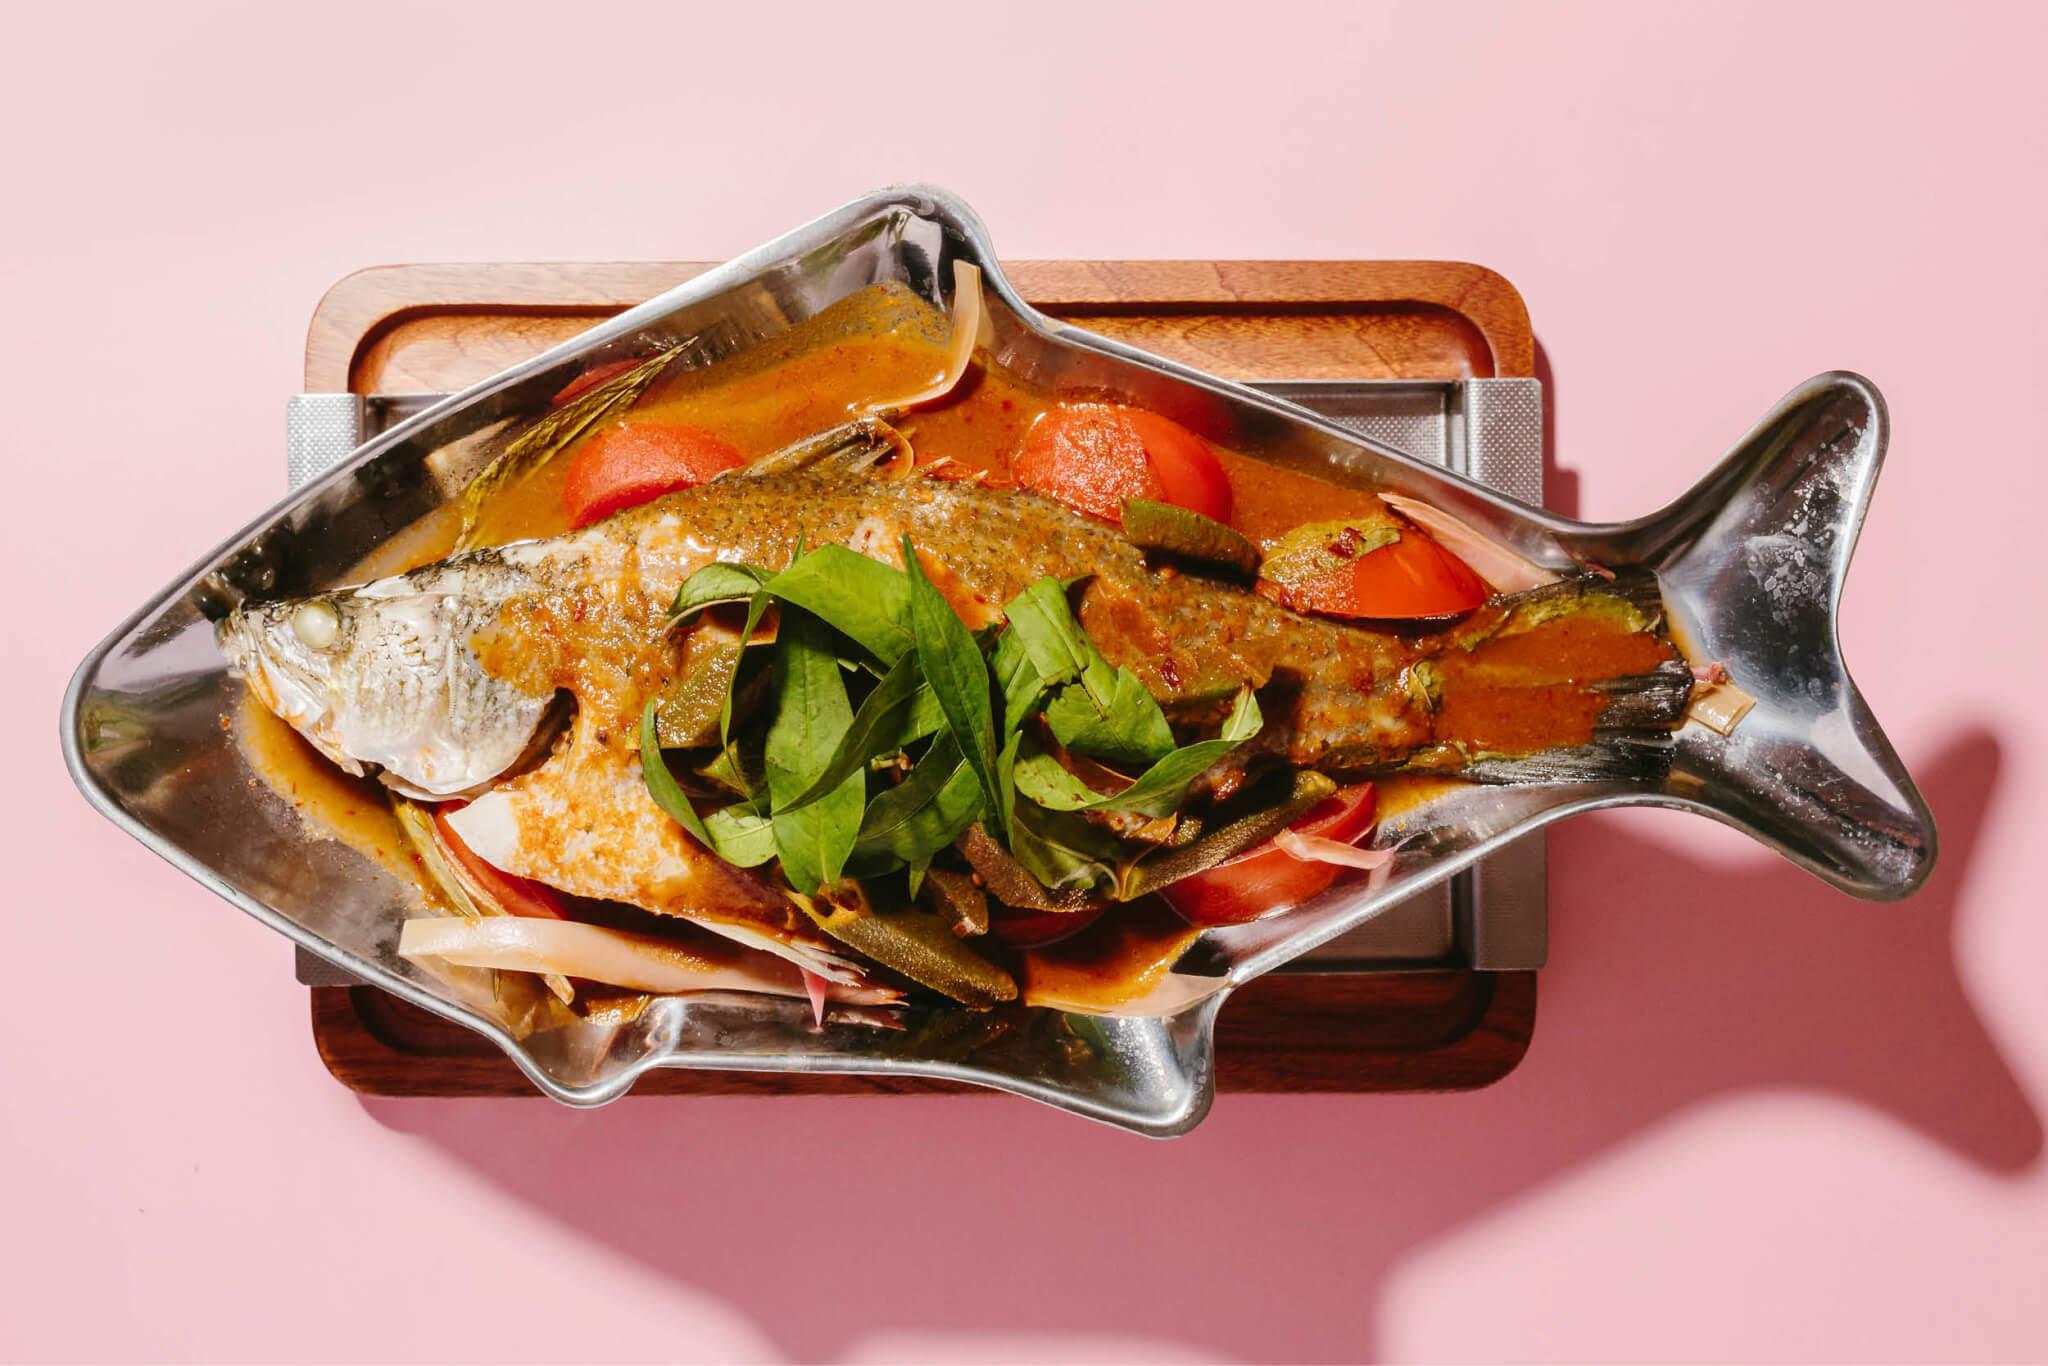 亞叁魚 // 以羅望子製成的亞叁膏是新鮮果肉的常用替代品。Bibi & Baba的廚師就以亞叁膏配合薑花、香茅、南薑、黃薑、辣椒乾等調製濃醬,以烹煮鮮魚,入口同樣酸辣開胃。($288)